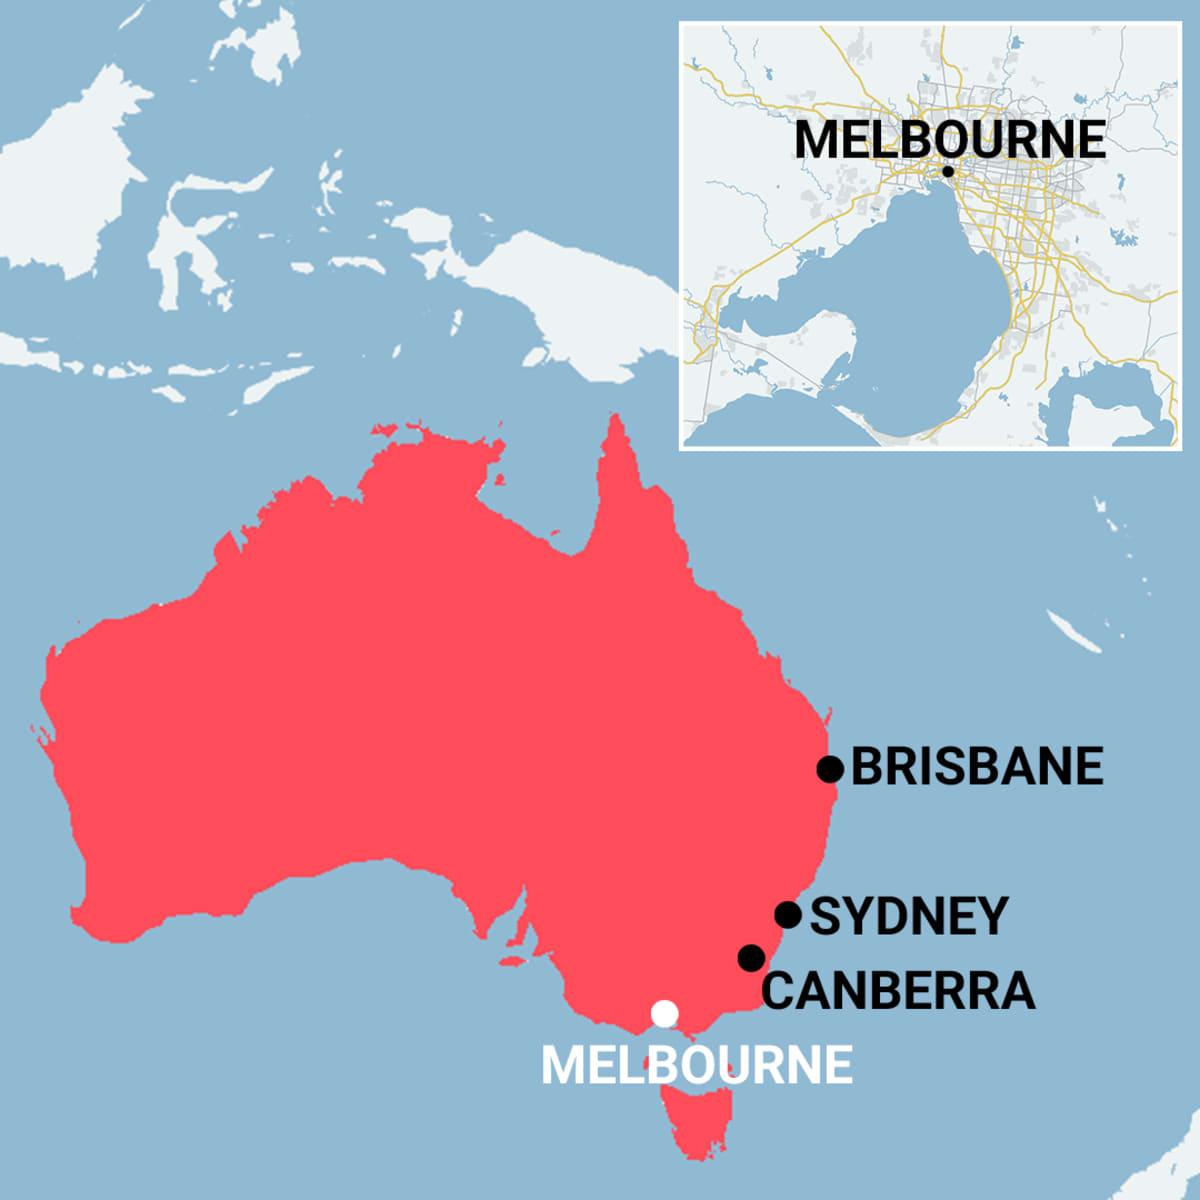 Kartta, joka näyttää Australian kokonaisuudessaan. Karttaan merkitty Australian kaupungeista Brisbane, Sydney, Canberra ja Melbourne.